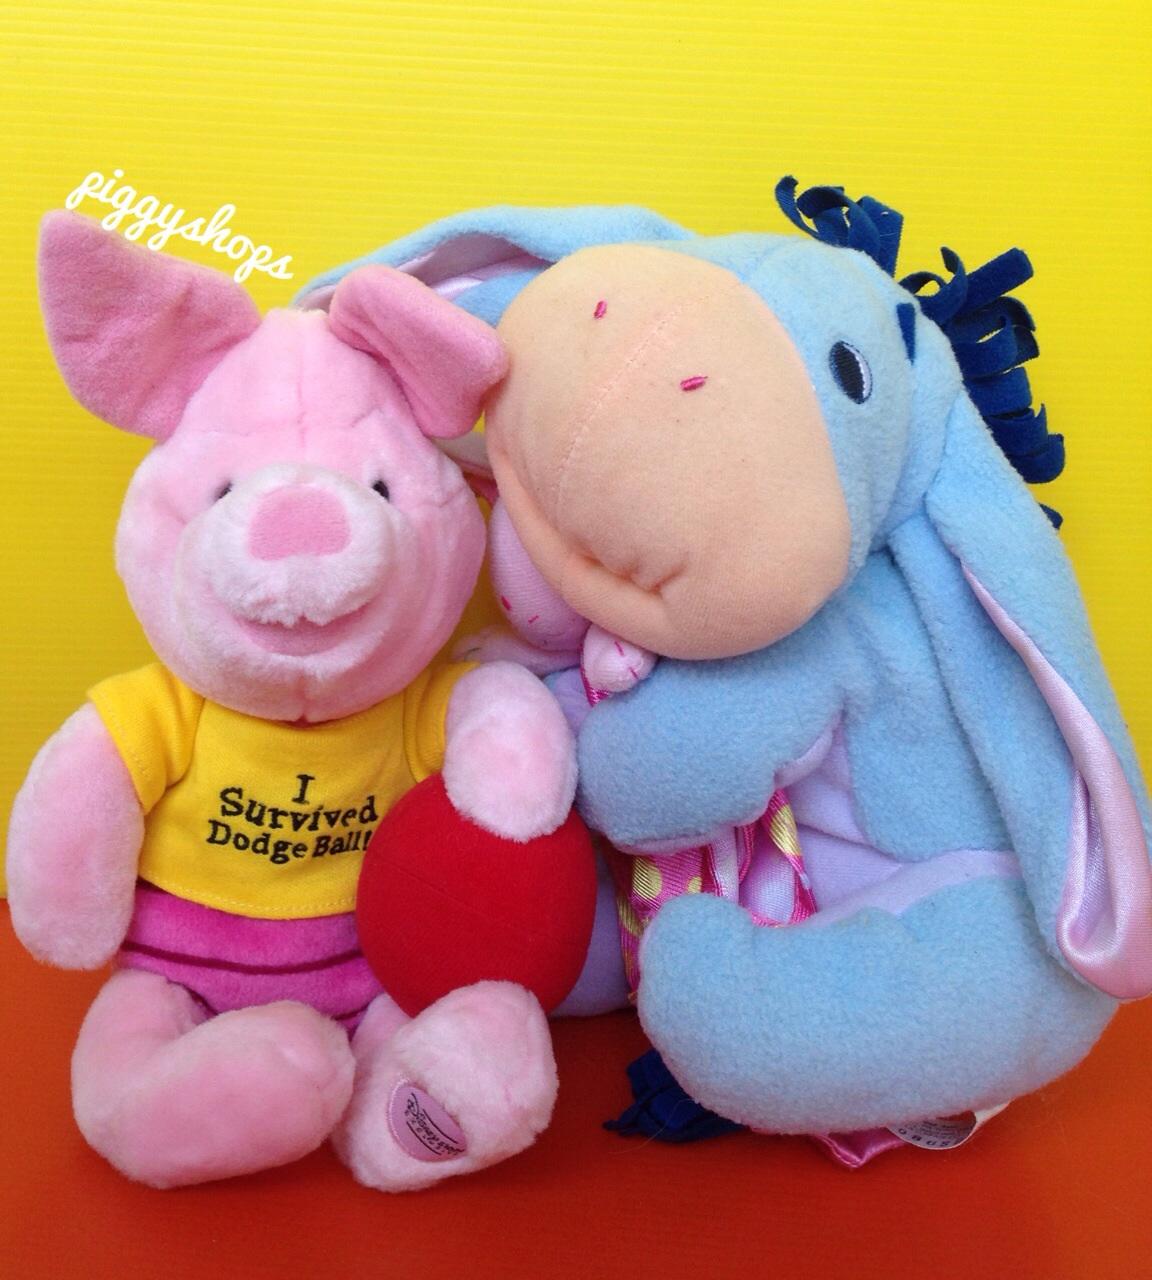 ตุ๊กตาหมูน้อยพิกเล็ก Piglet of Winnie the pooh งานดิสนีย์เจแปน size: ยืน 10 นิ้ว นั่ง 7 นิ้ว